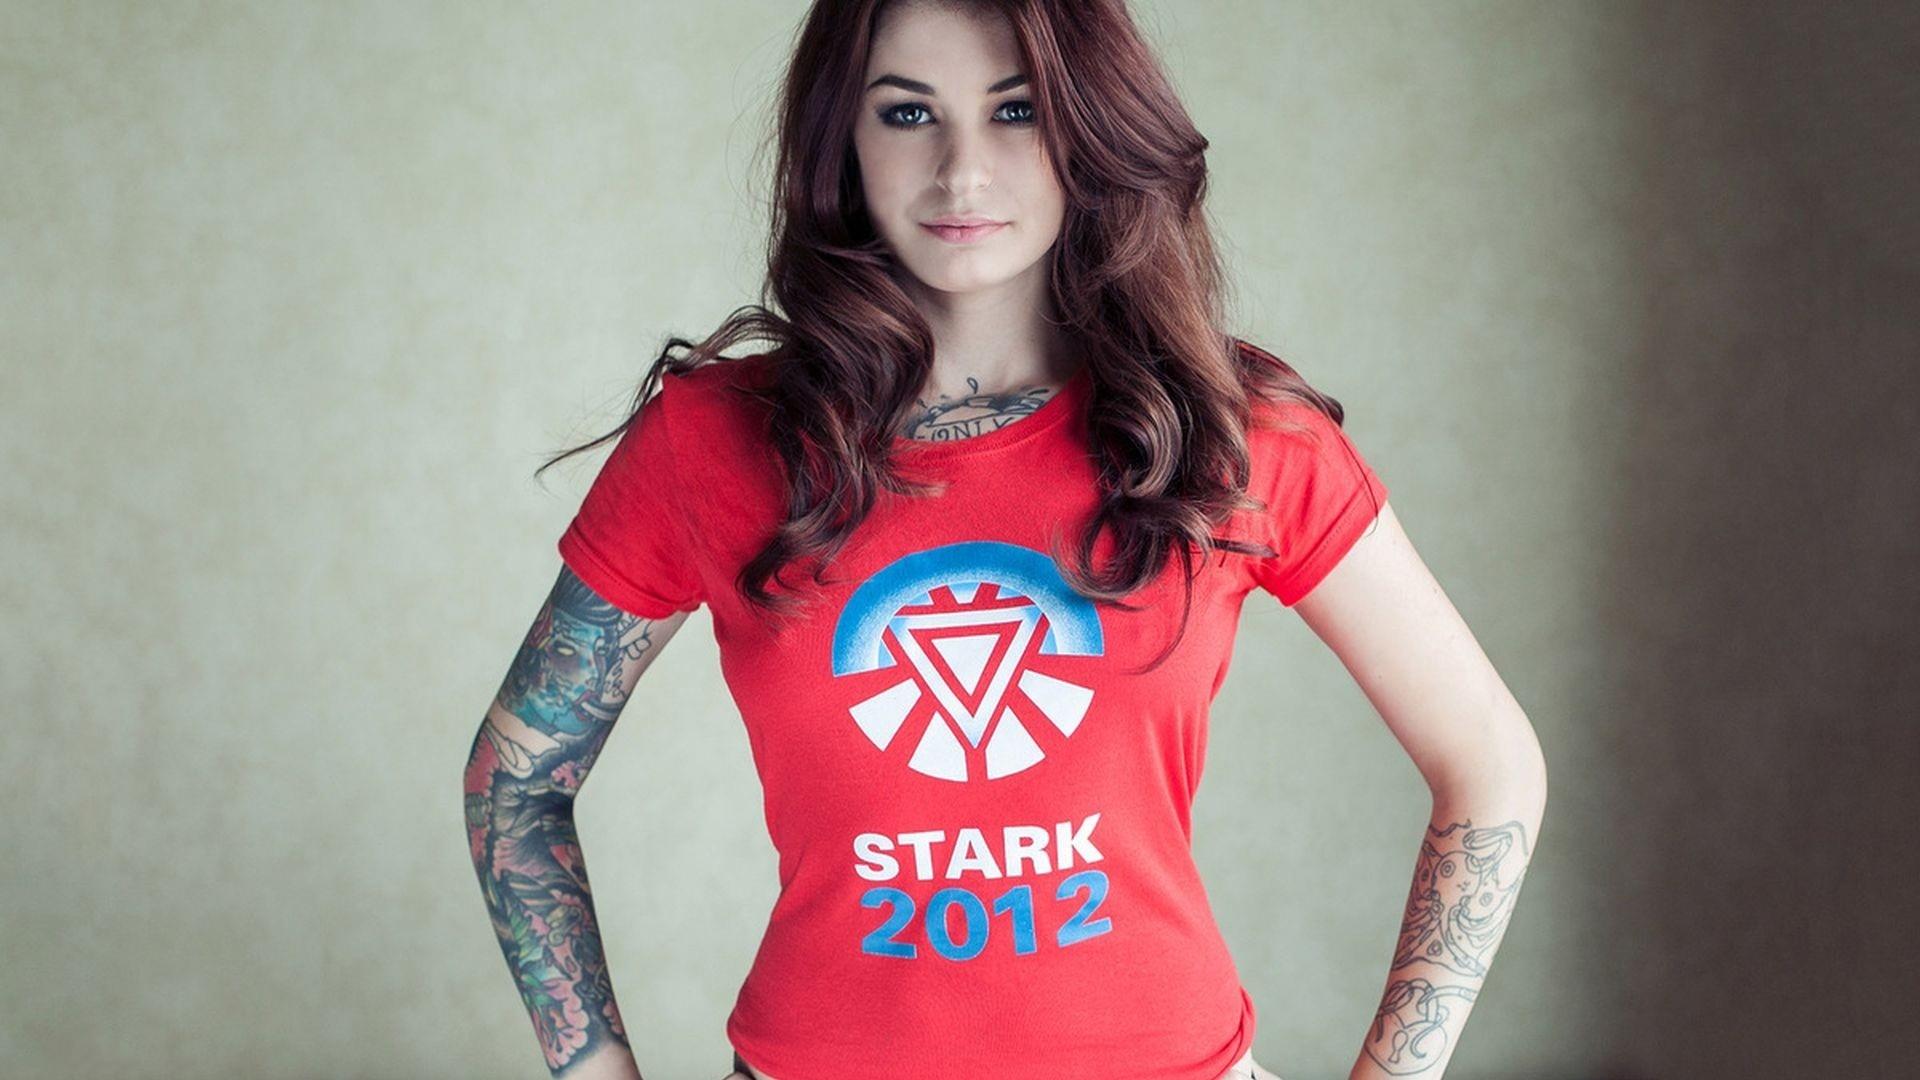 Download Tattoo Model Wallpaper 42193